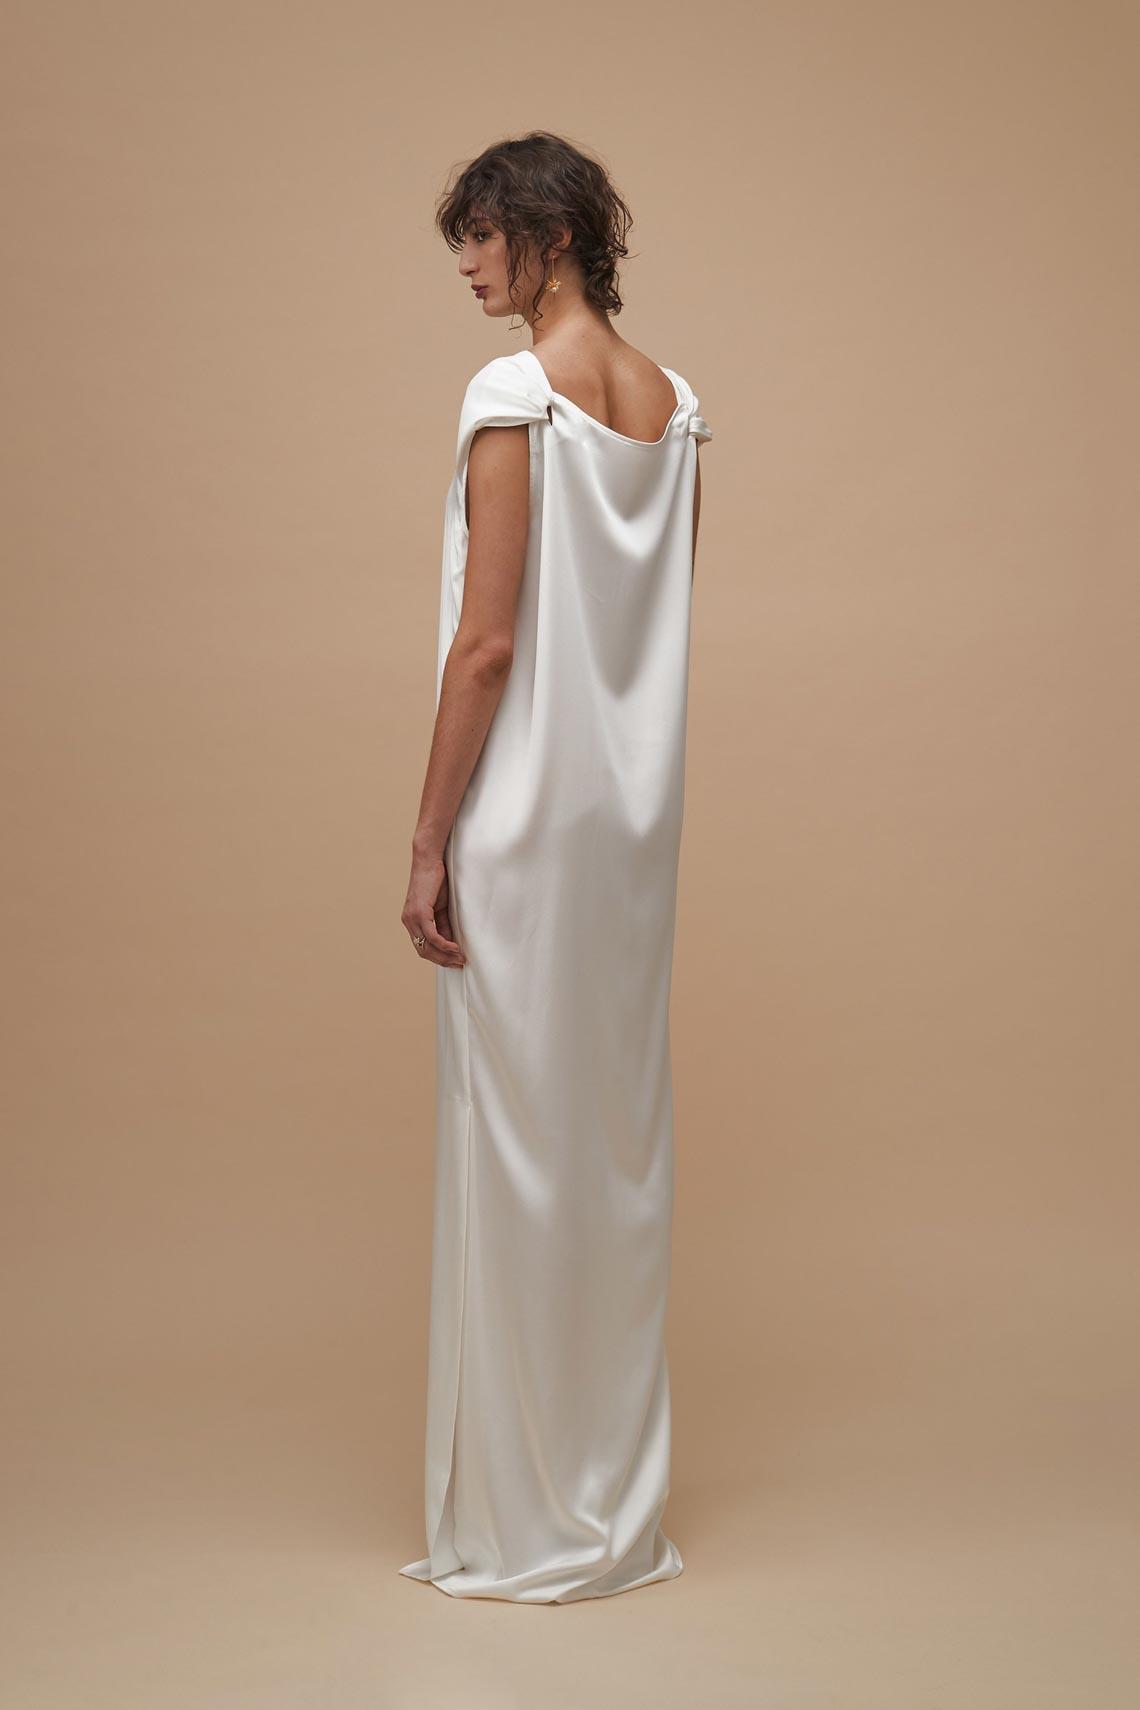 """Karen Walker sắp công bố dòng váy cưới """"sành điệu, tự tin và thực tế"""" - 3"""